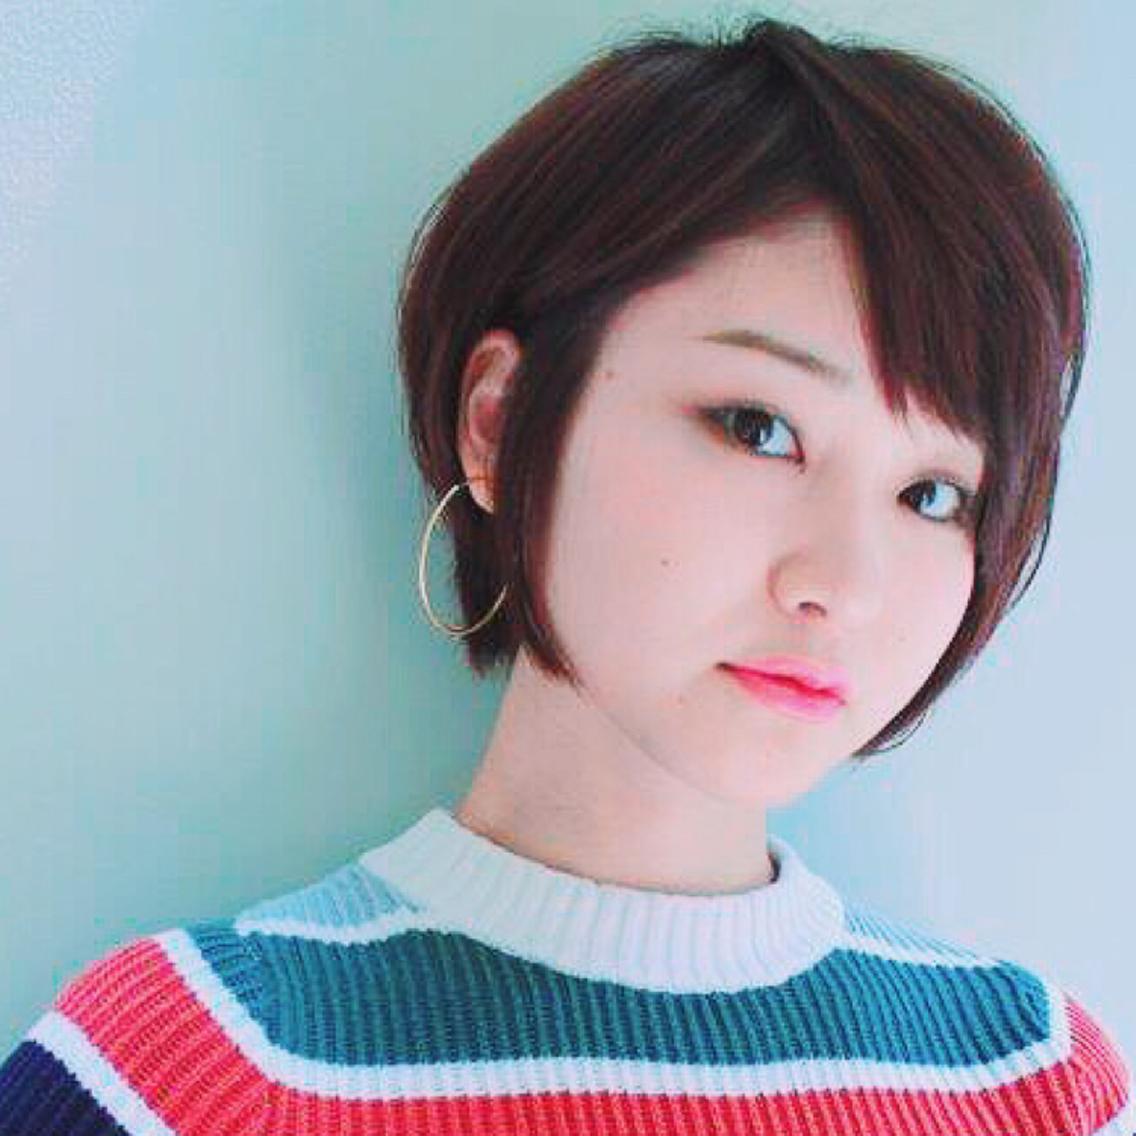 !!日曜日限定完全無料!!似合わせカット!!